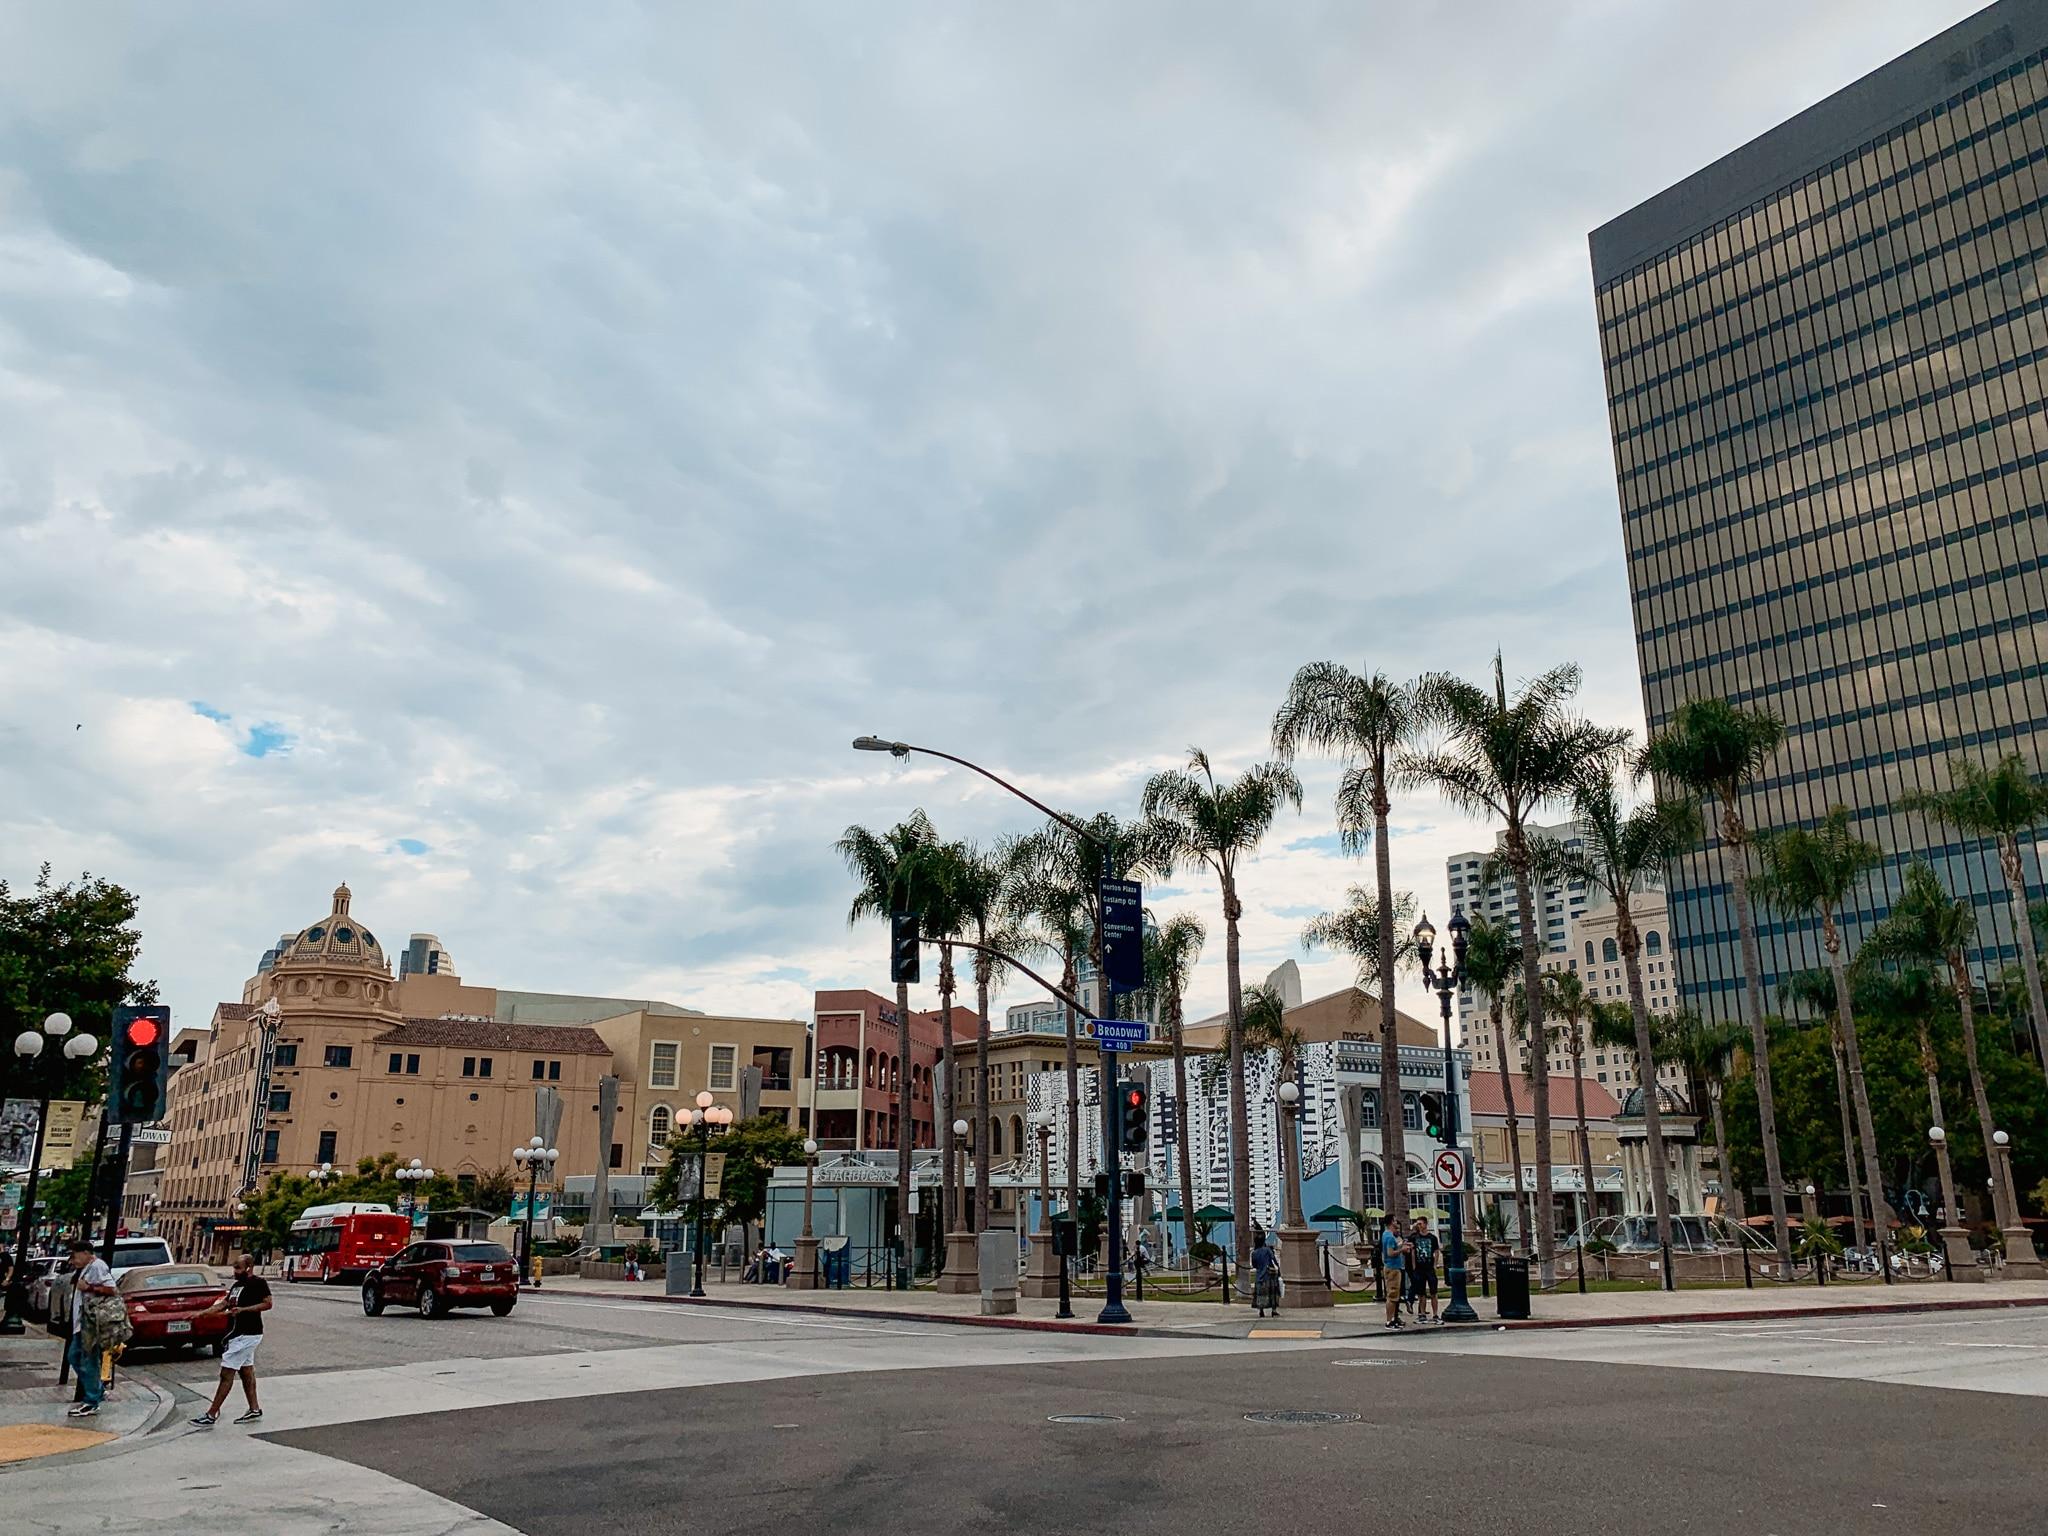 San Diego Sehenswürdigkeiten: Highlights und Things to do für eure Reise - Gaslamp Quarter